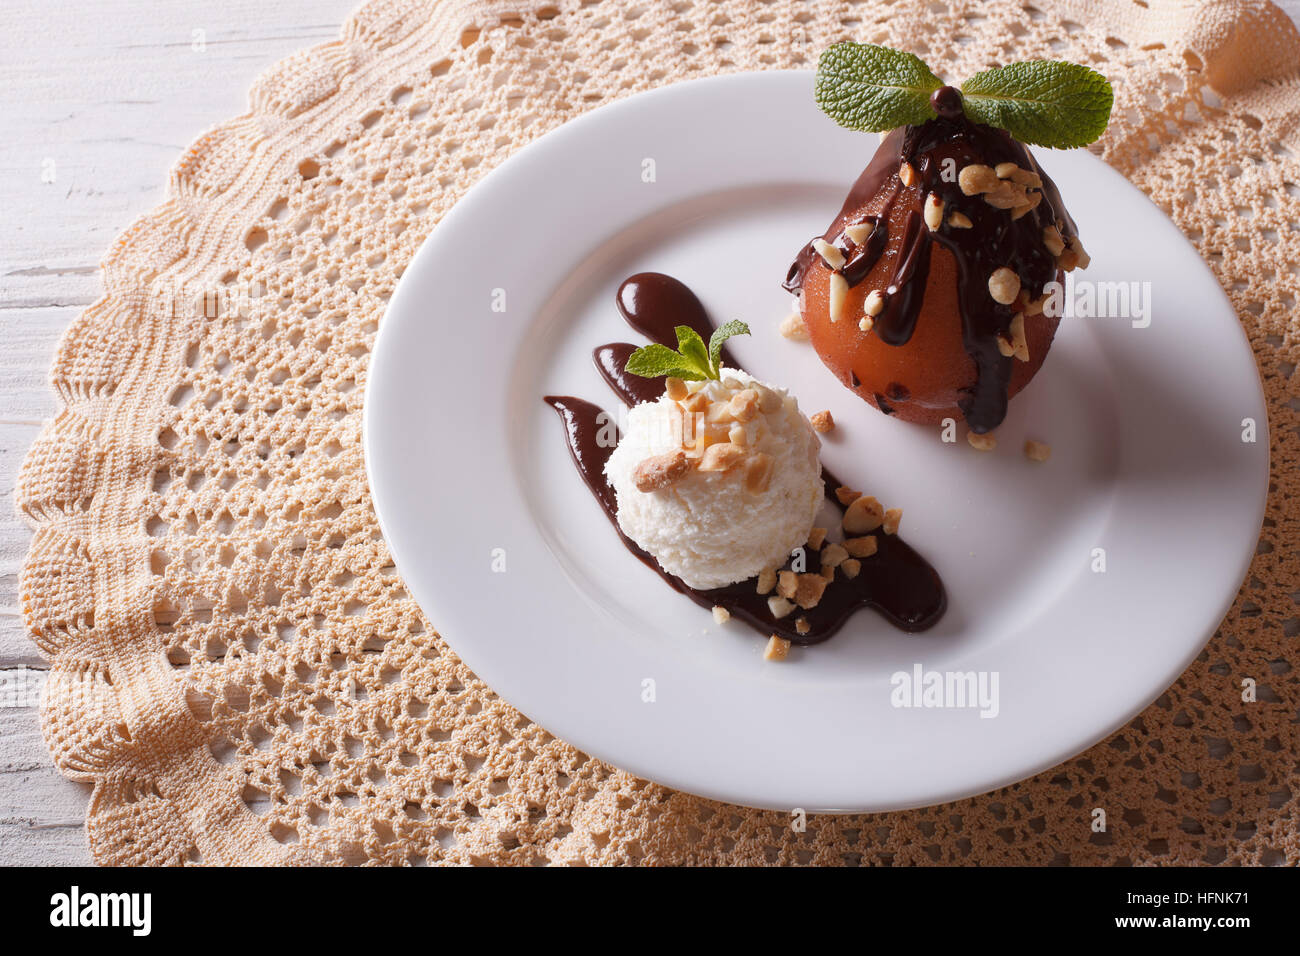 Deliciosa comida: escalfados pera con chocolate y helado en una placa horizontal vista superior. Imagen De Stock